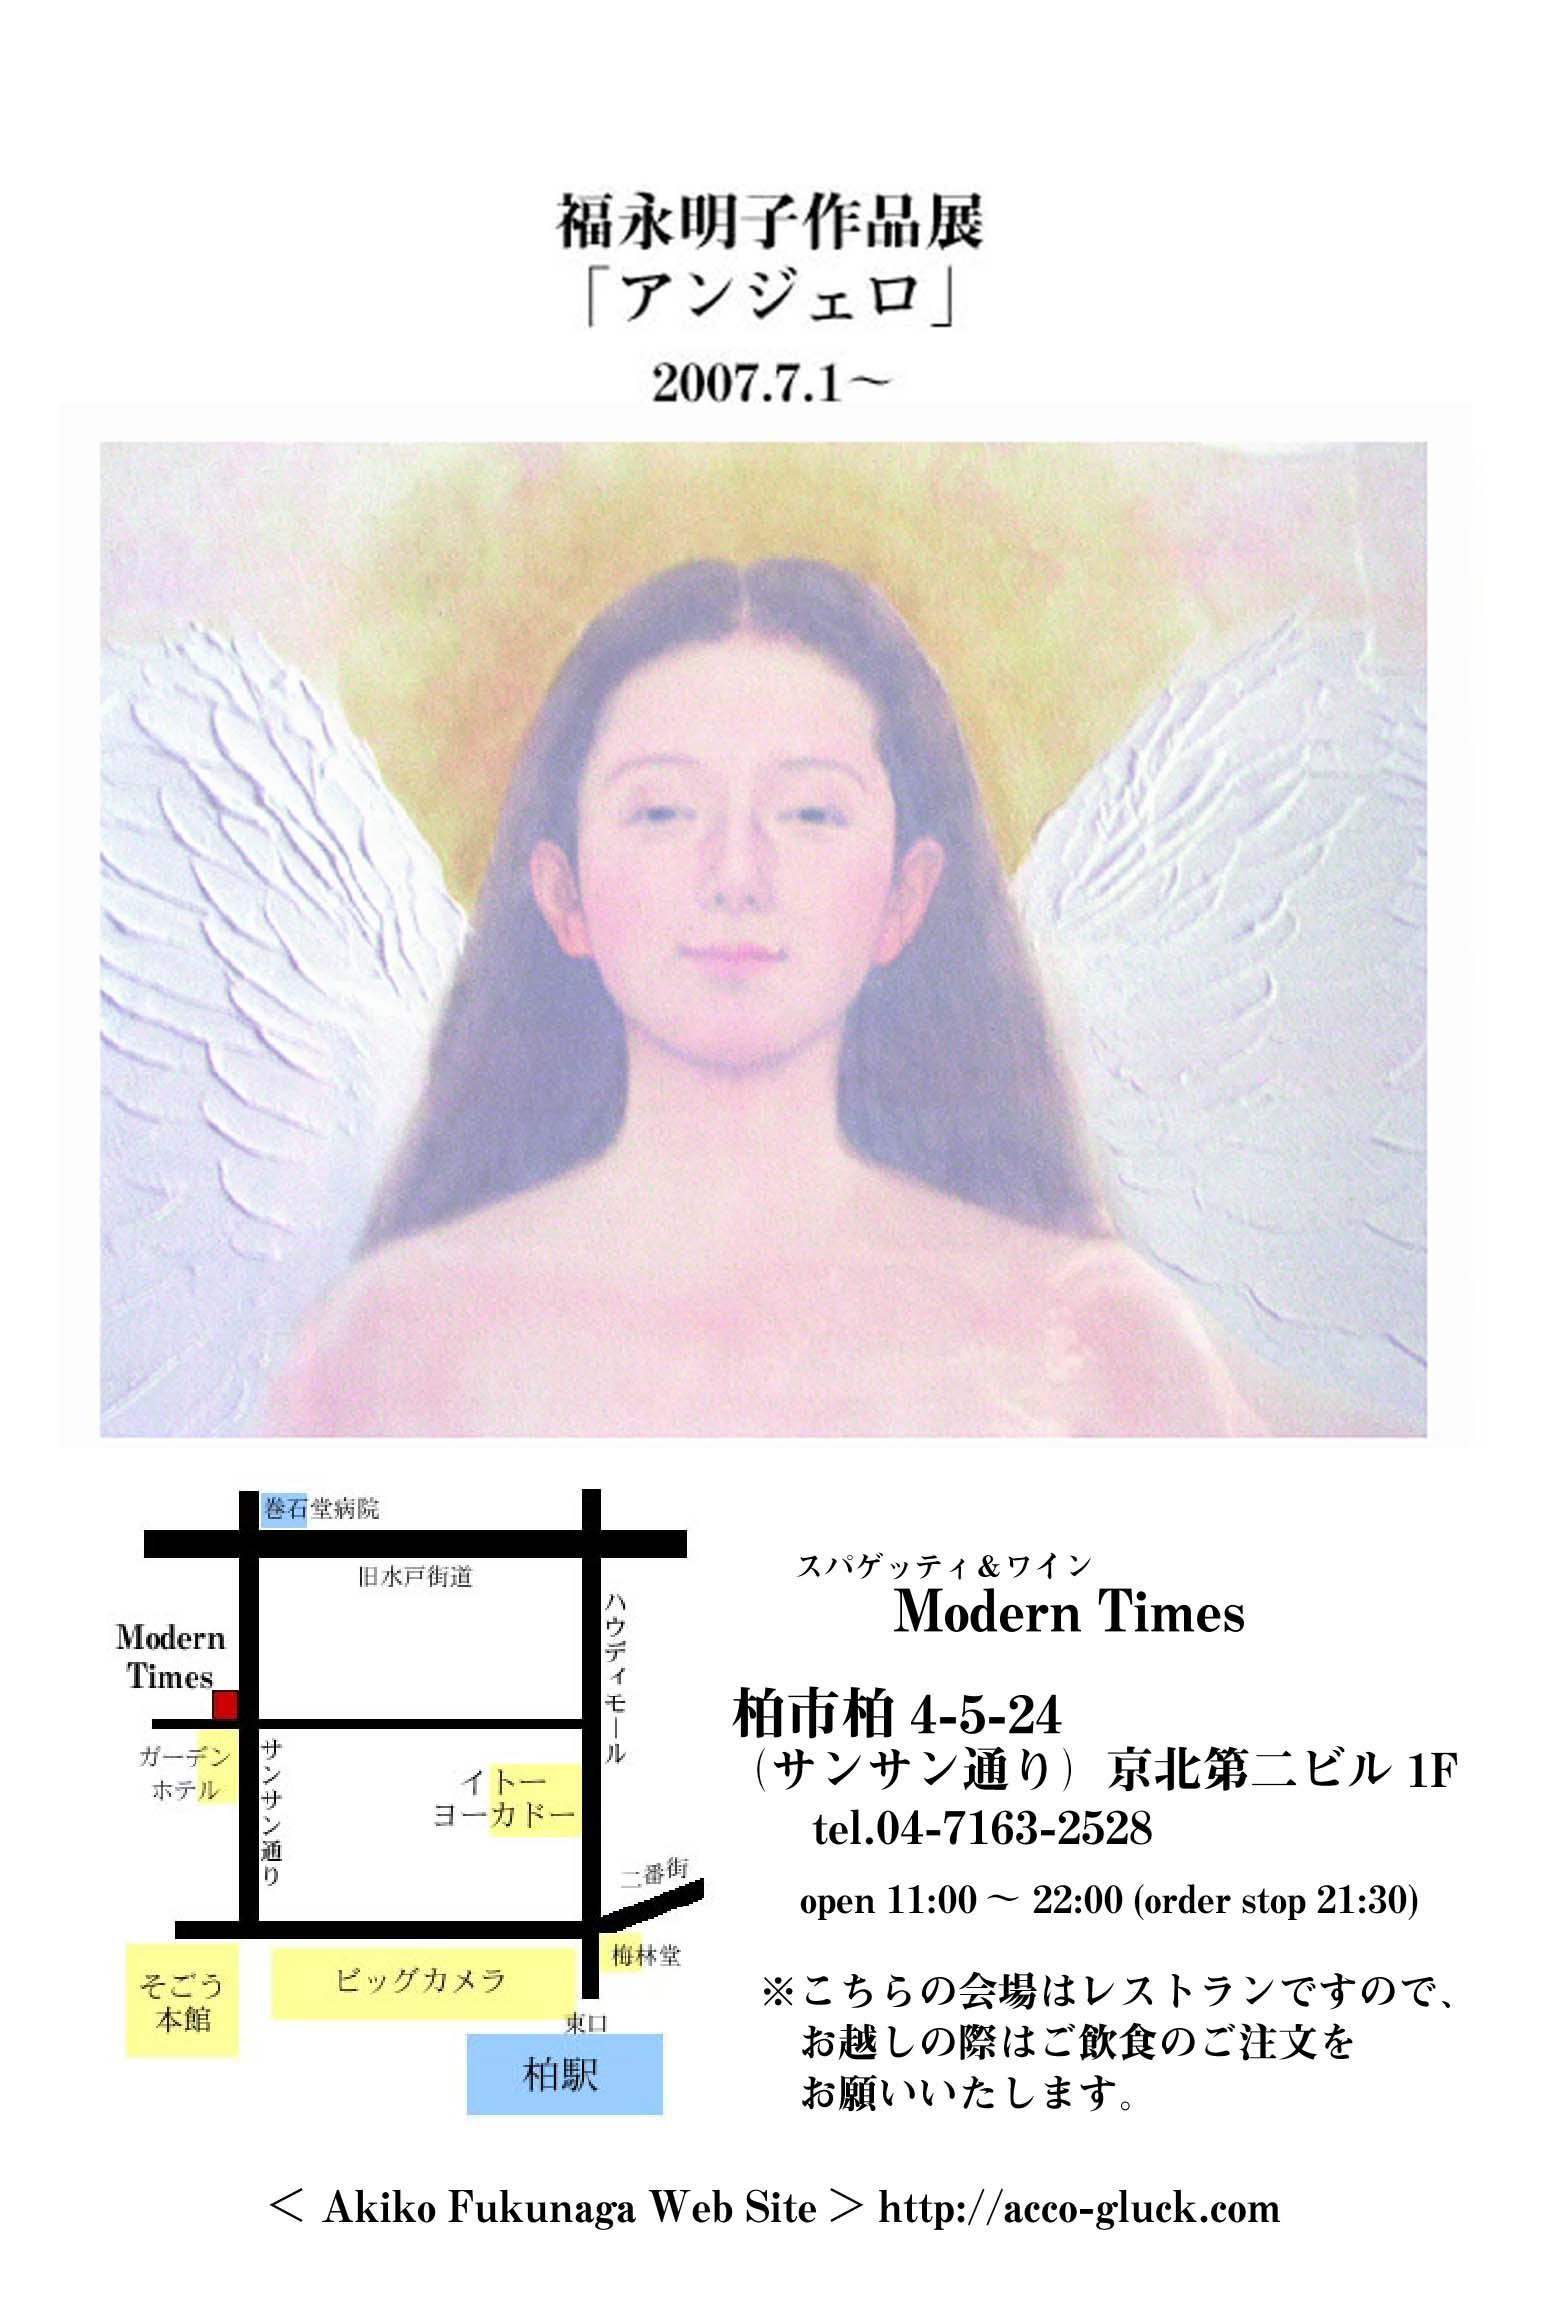 個展「アンジェロ」 始まりました_e0105782_4214837.jpg